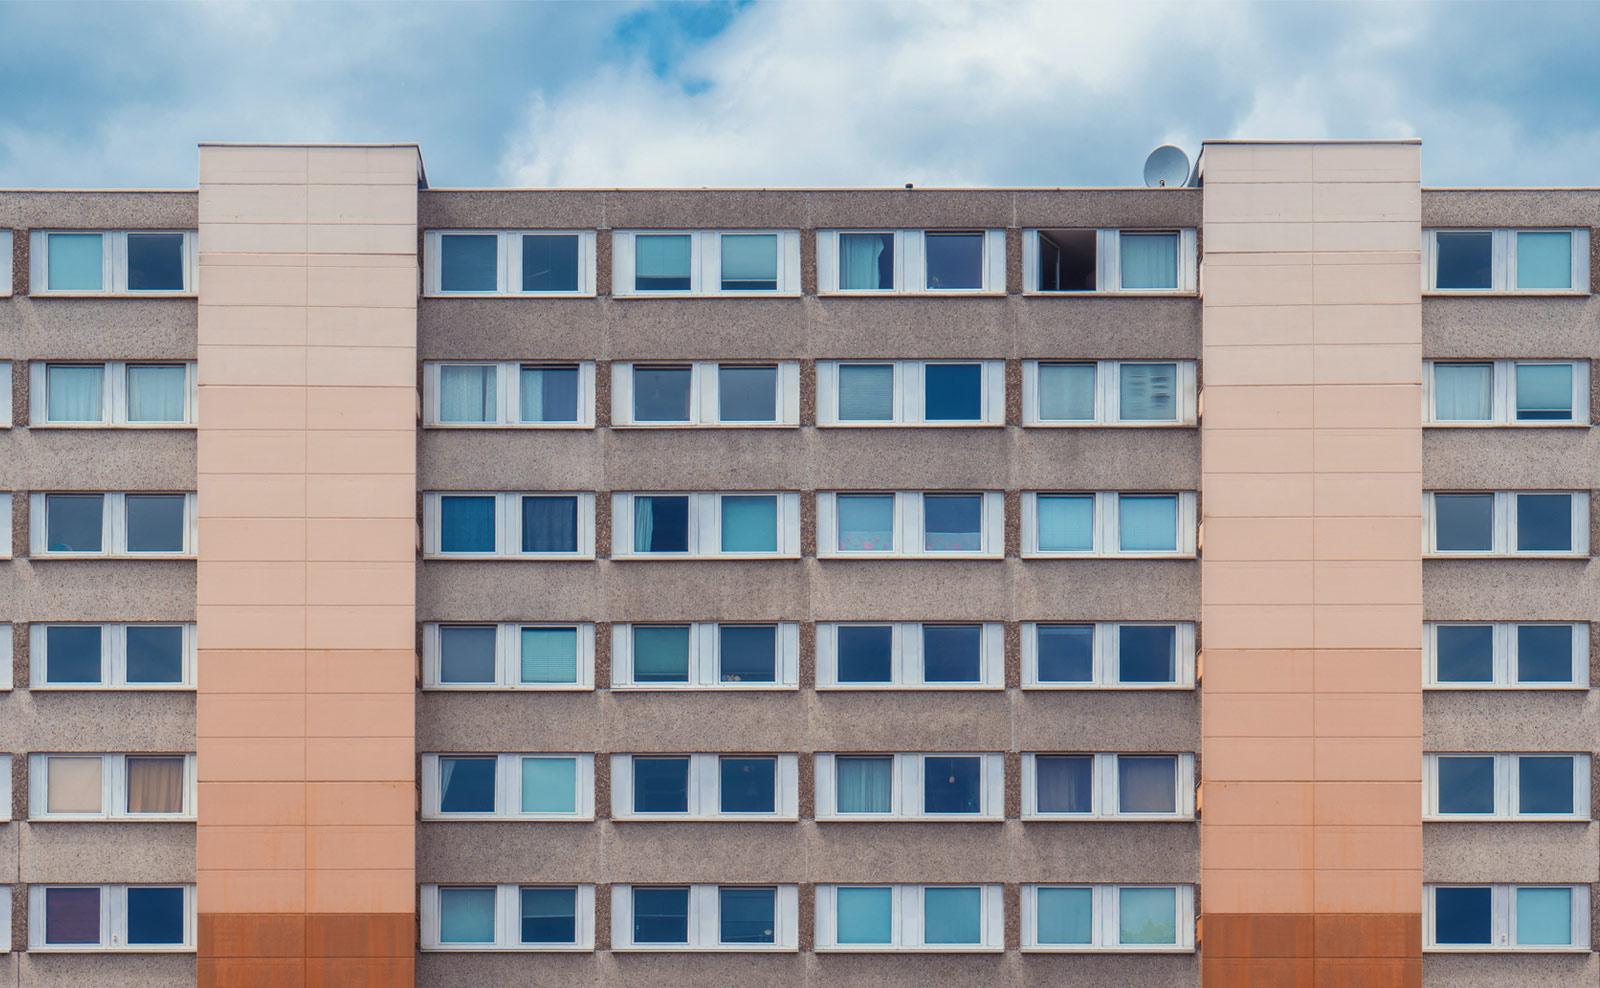 【募集情報】名古屋市営住宅の一般募集について(2020年度 第1回)